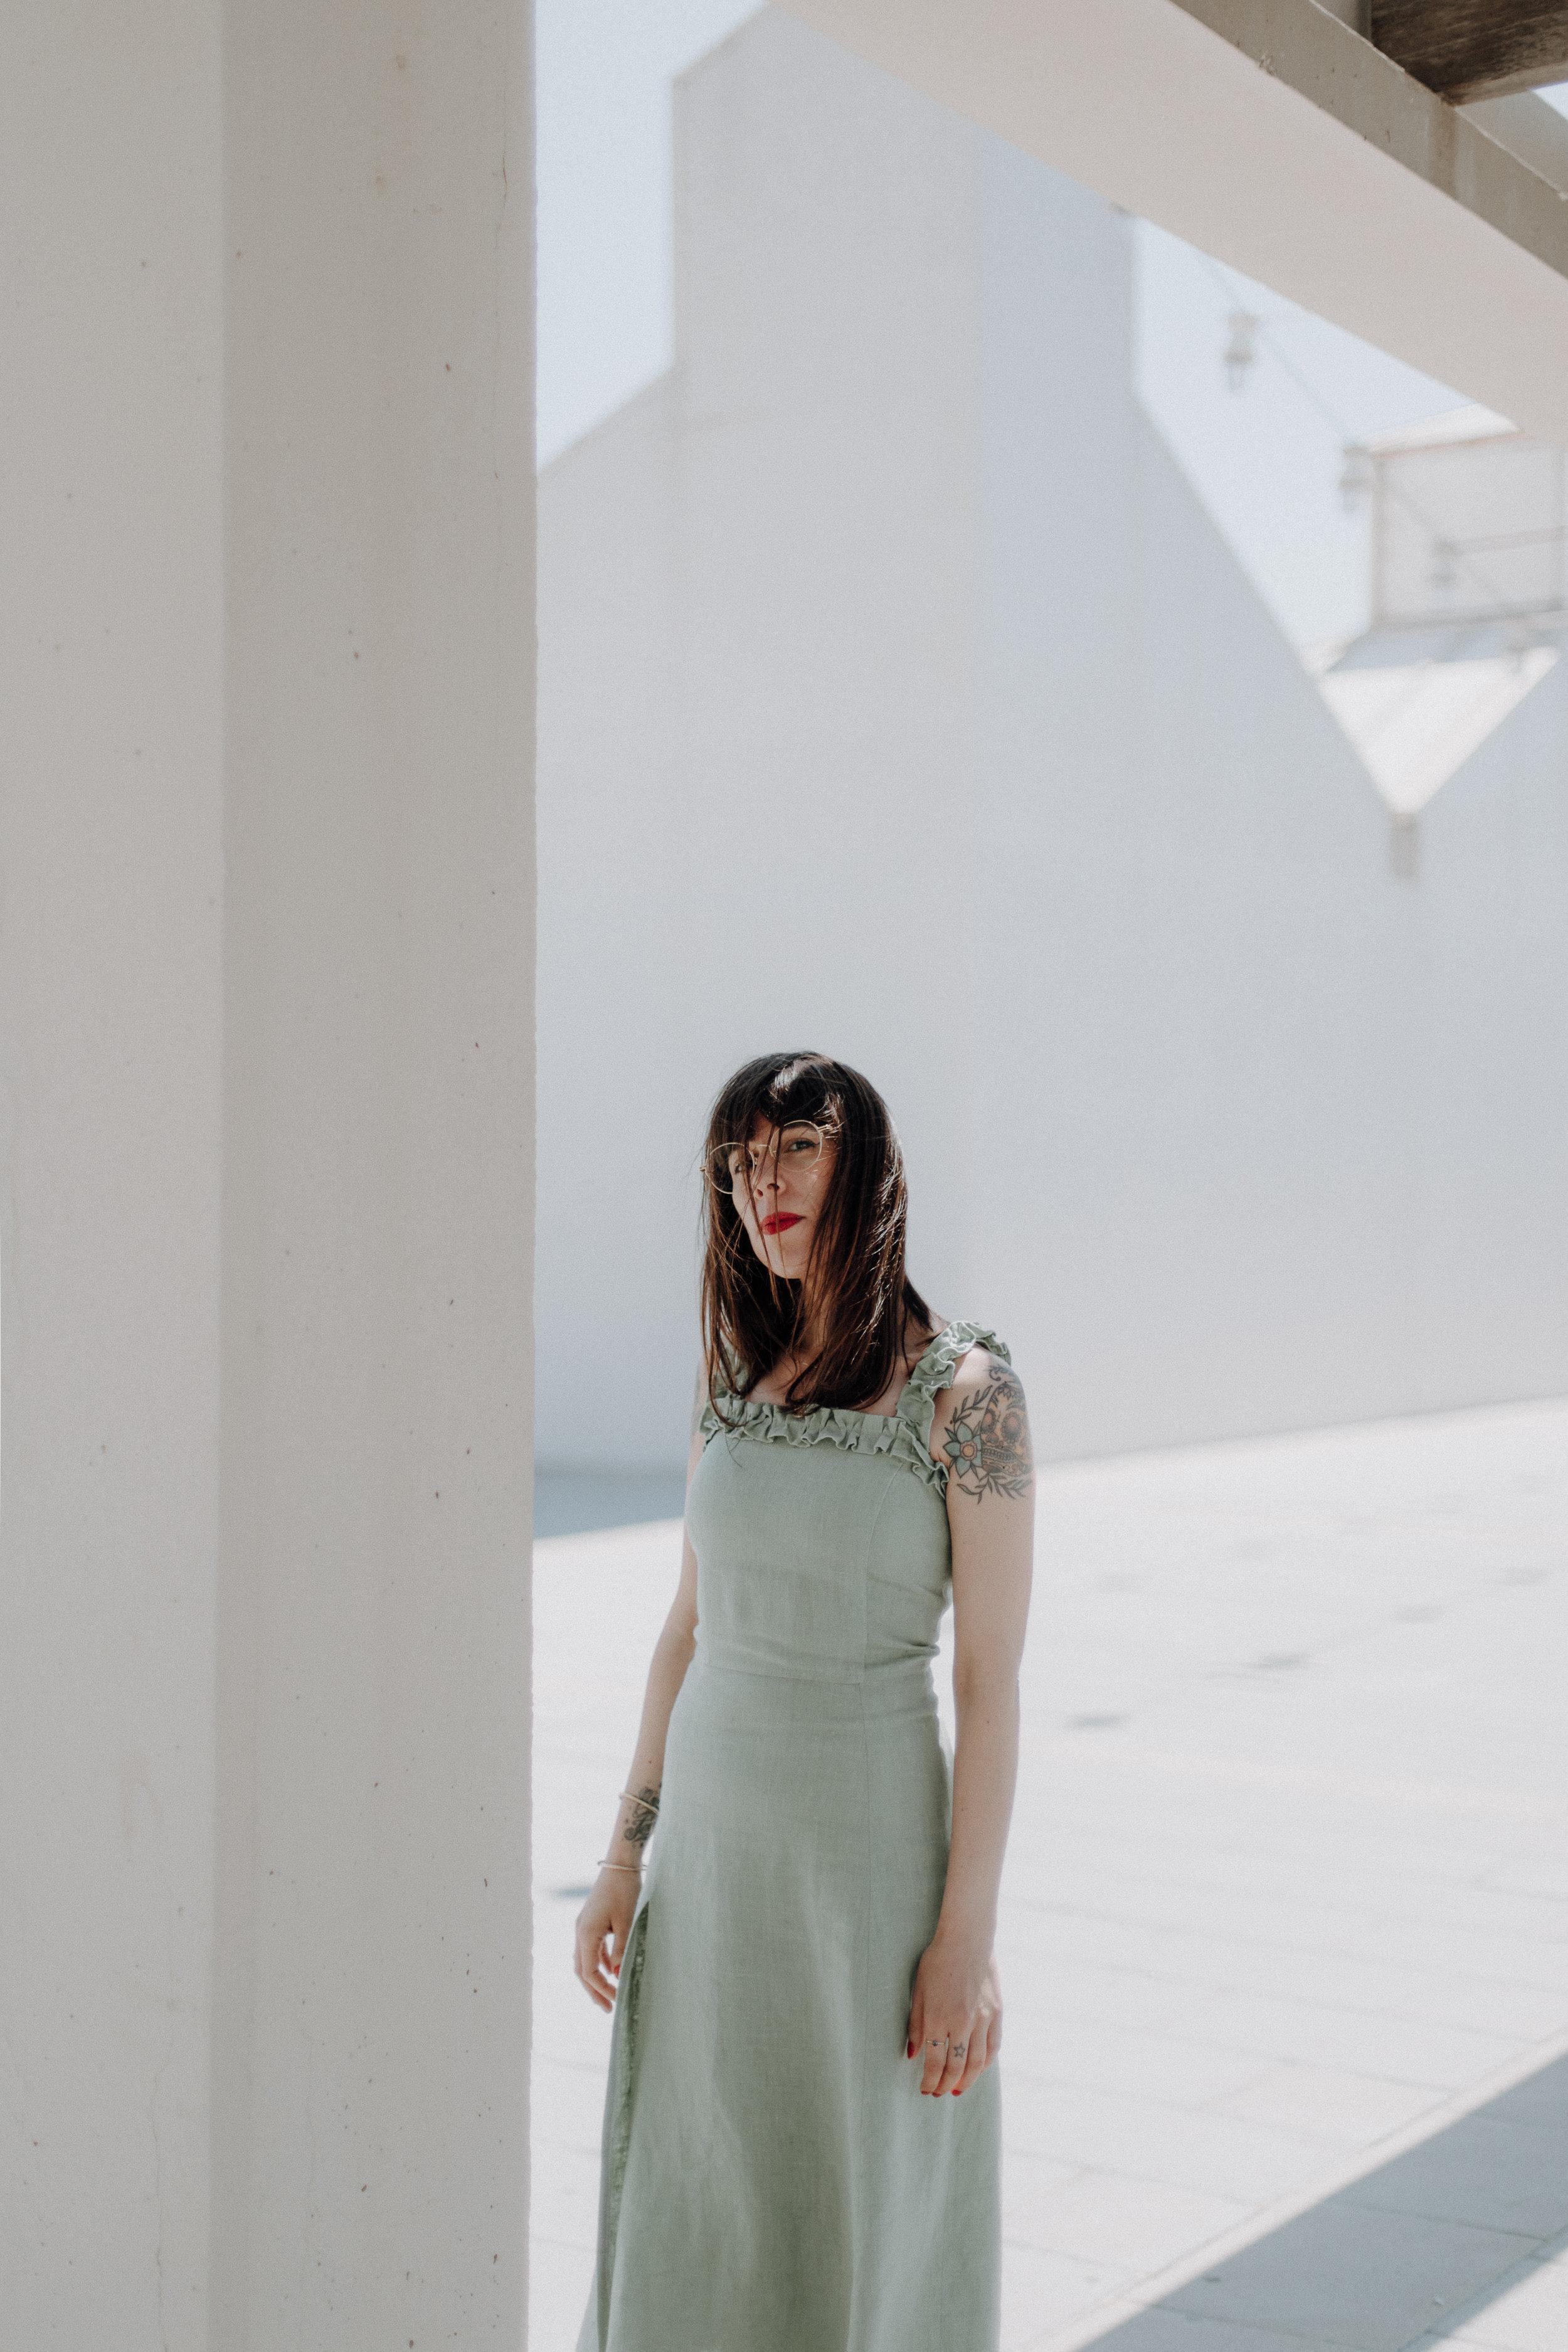 Sandra viste un vestido de lino hecho a mano por Neko. - Fotografía de Paula Rosell.